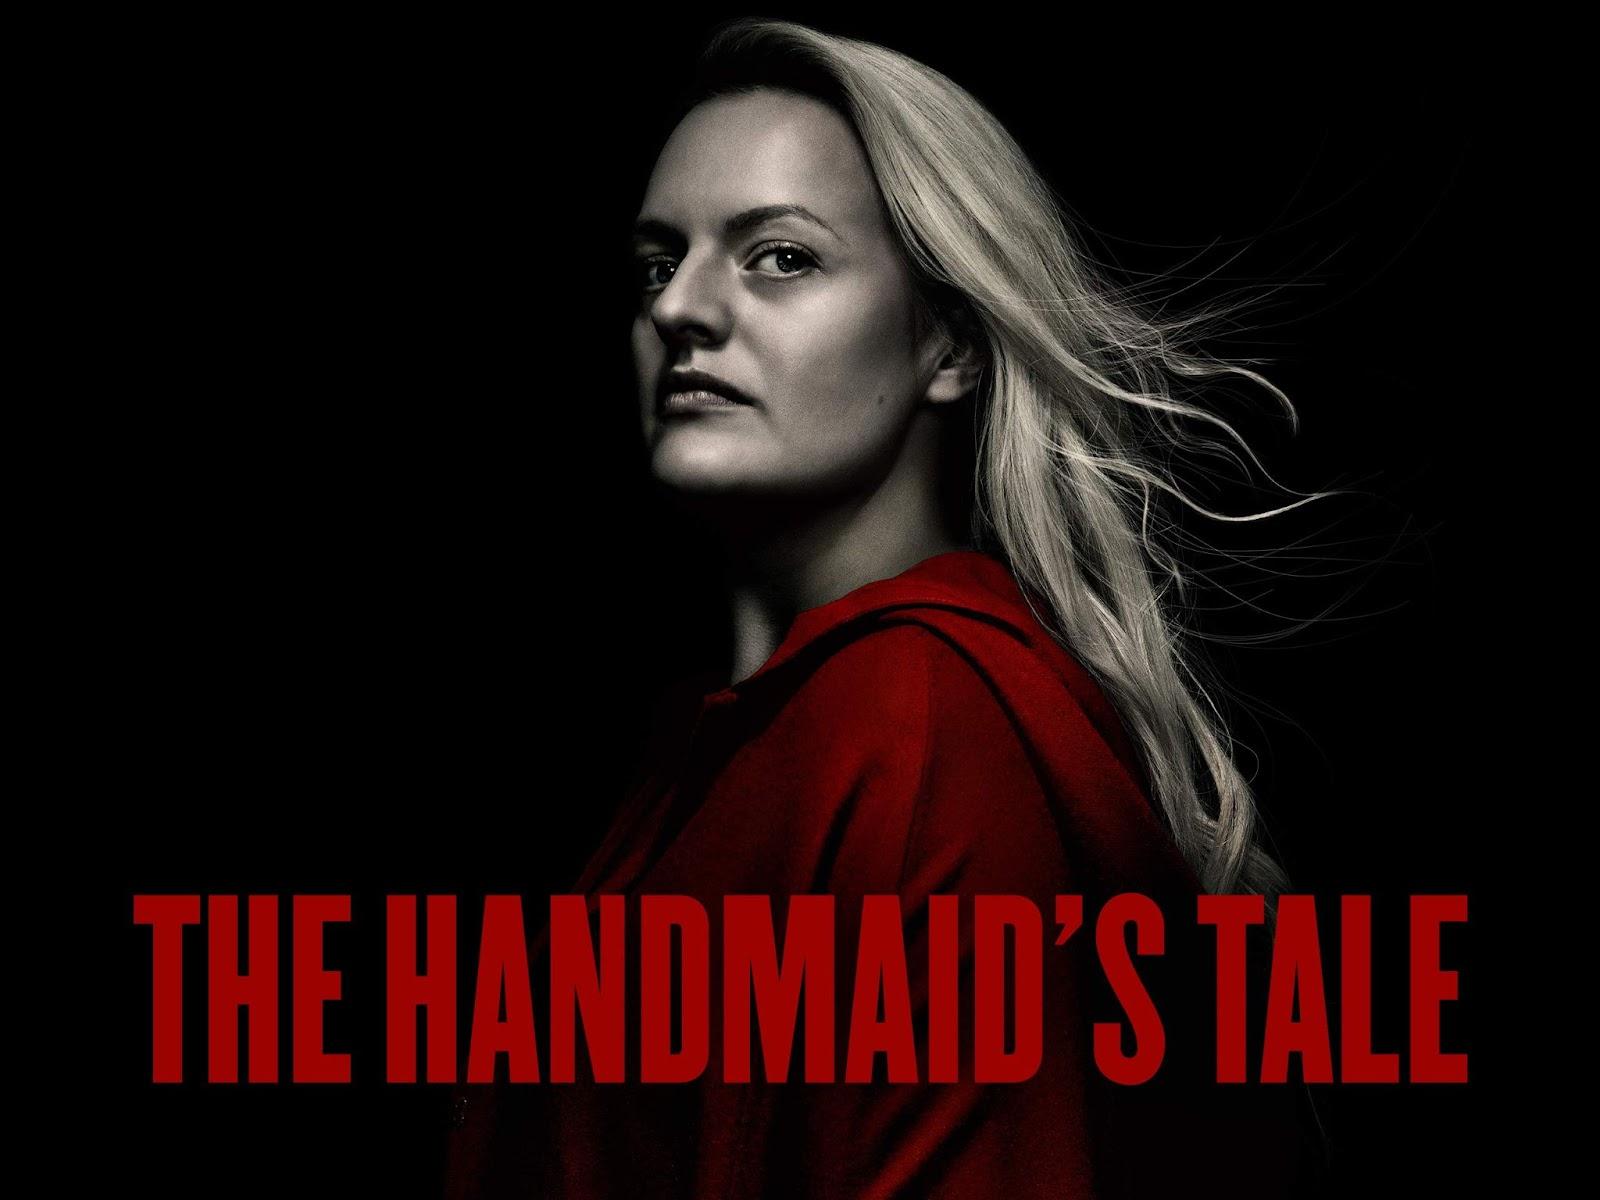 """Fundo preto com mulher de perfil ao centro. Sua pele e cabelo são acinzentados e sua roupa é vermelha. O escrito """"The Handmaid's Tale"""" na parte de baixo está em vermelho. Foto: Reprodução HULU"""